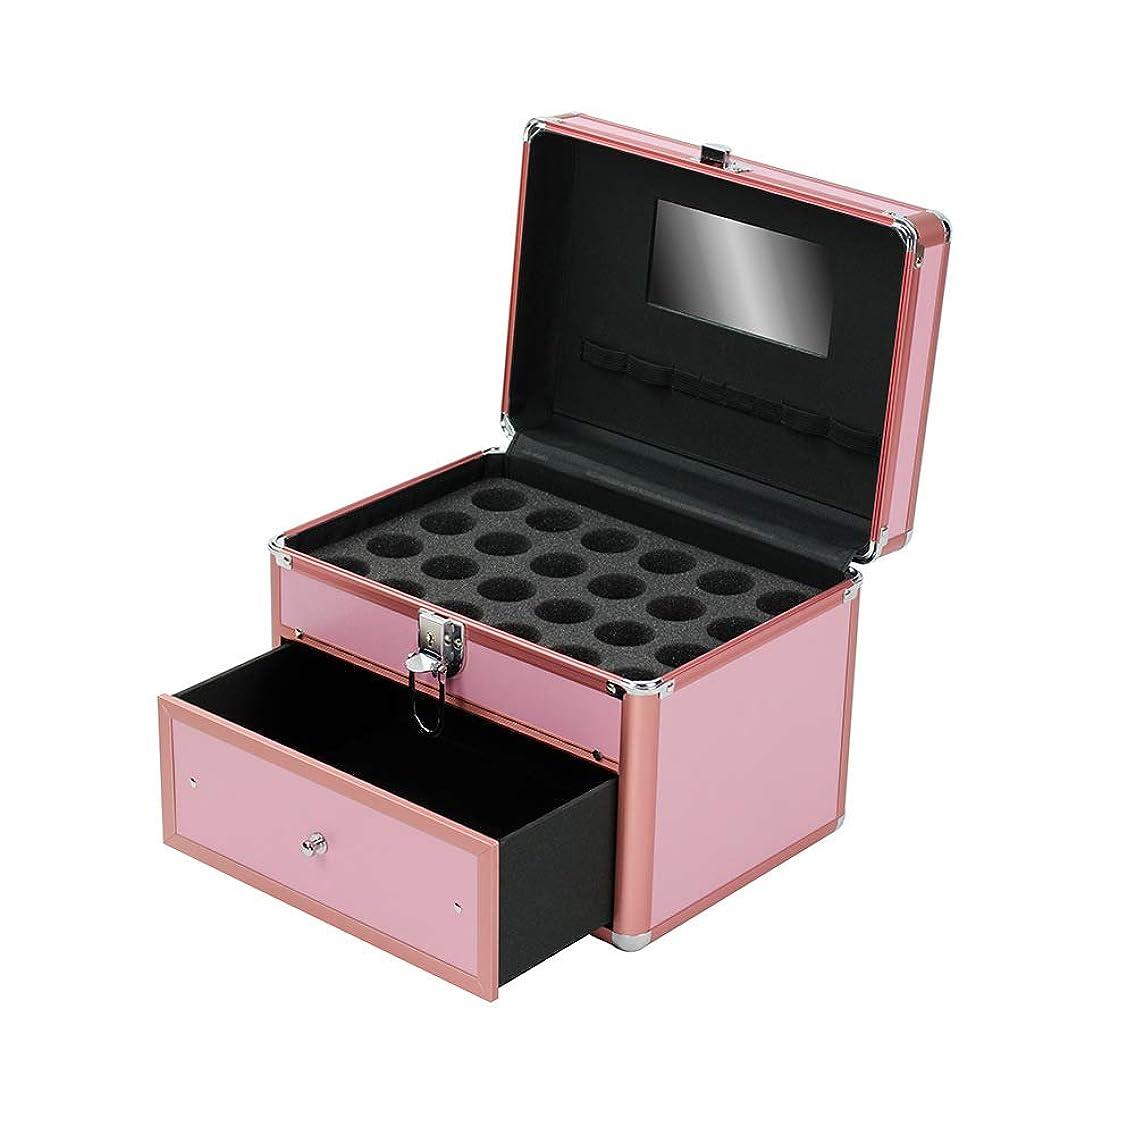 誘惑する餌応じる特大スペース収納ビューティーボックス 女の子の女性旅行のための新しく、実用的な携帯用化粧箱およびロックおよび皿が付いている毎日の貯蔵 化粧品化粧台